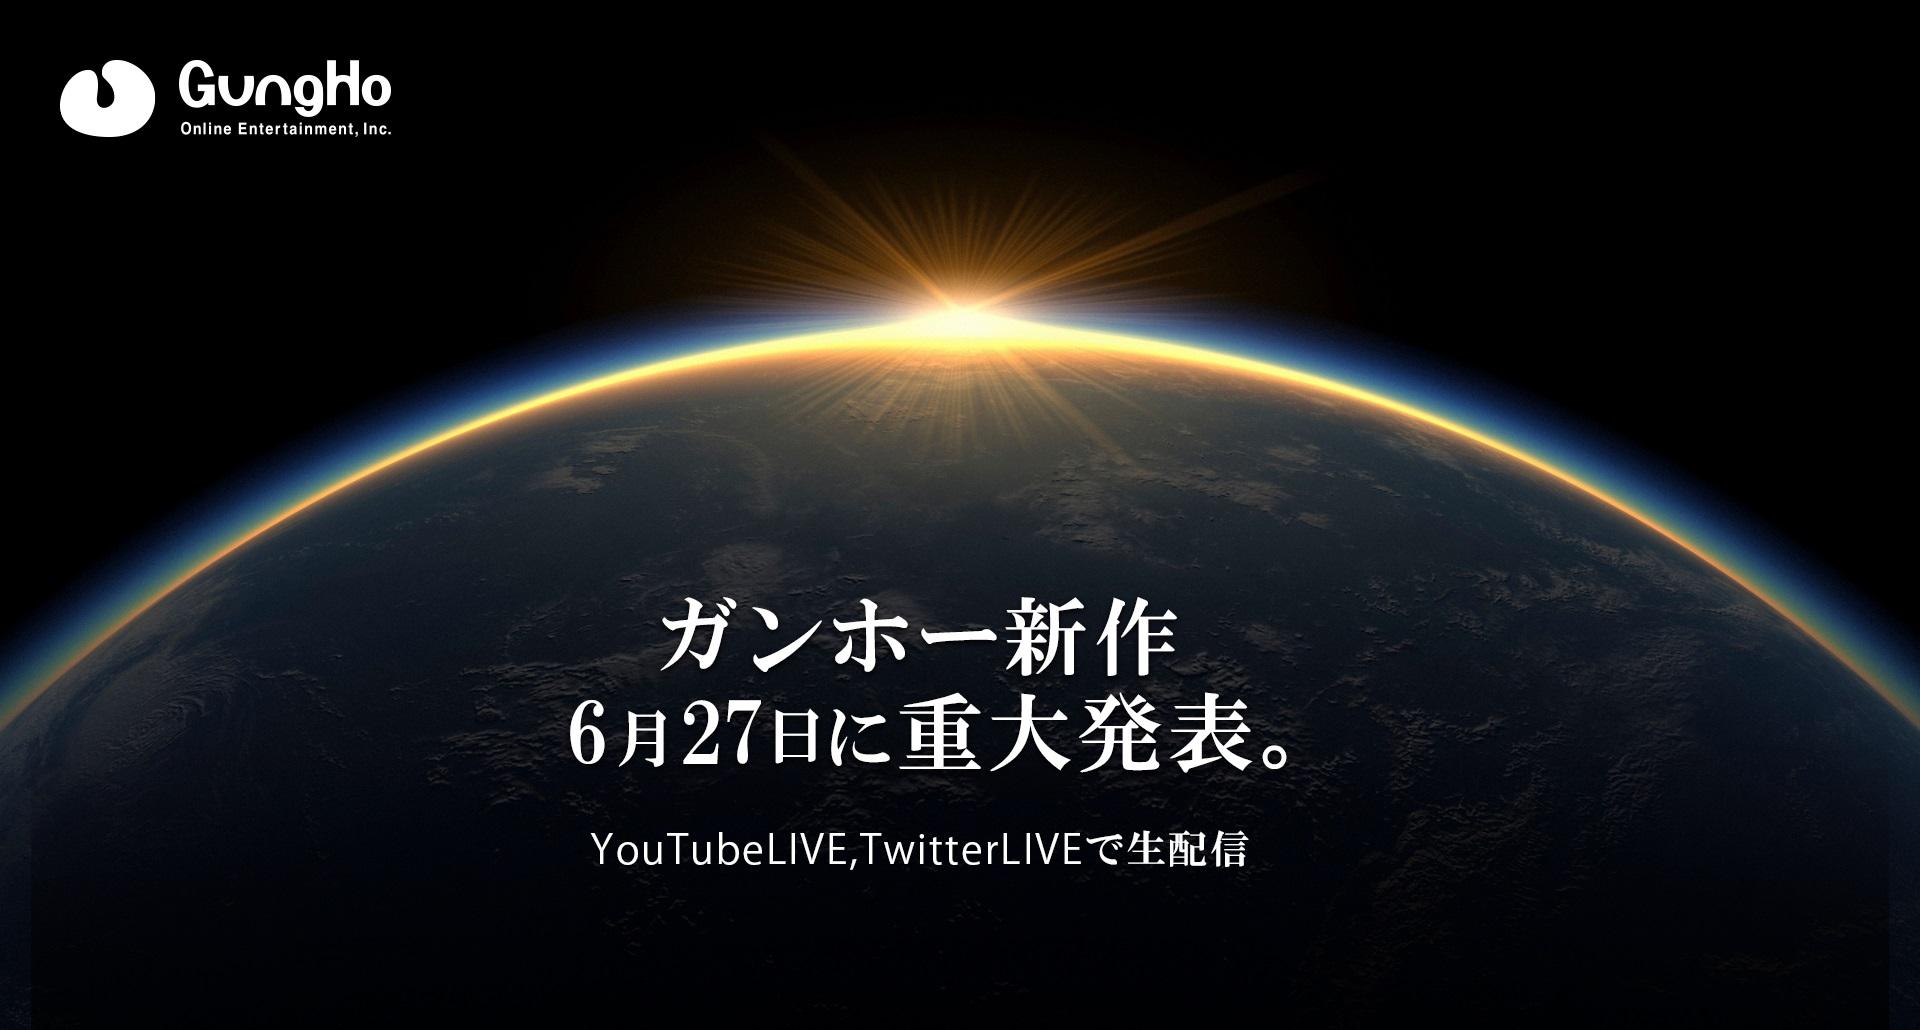 6月27日の「ガンホー新作発表会」後に人気YouTuberたちが新作タイトルを実況プレイ!